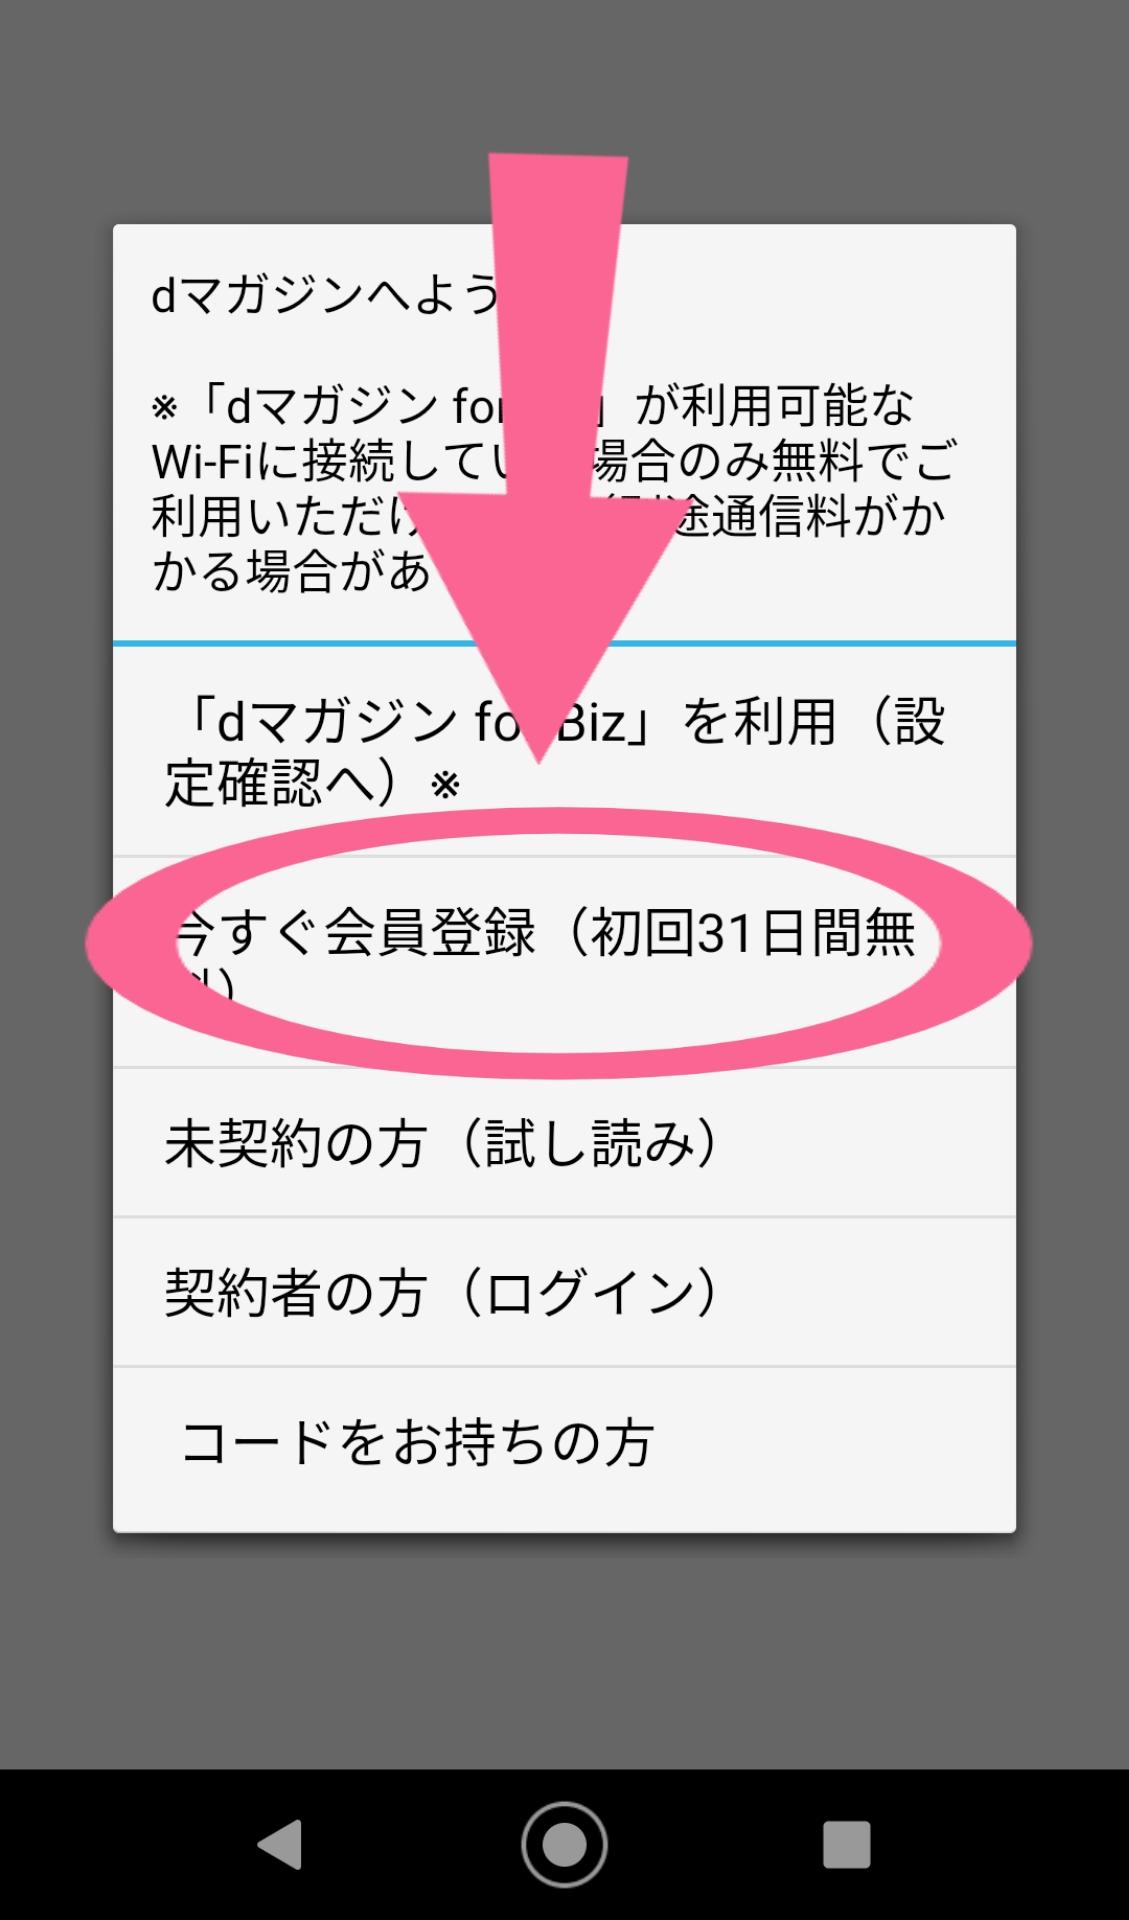 dマガジン 会員登録 アプリ 表示